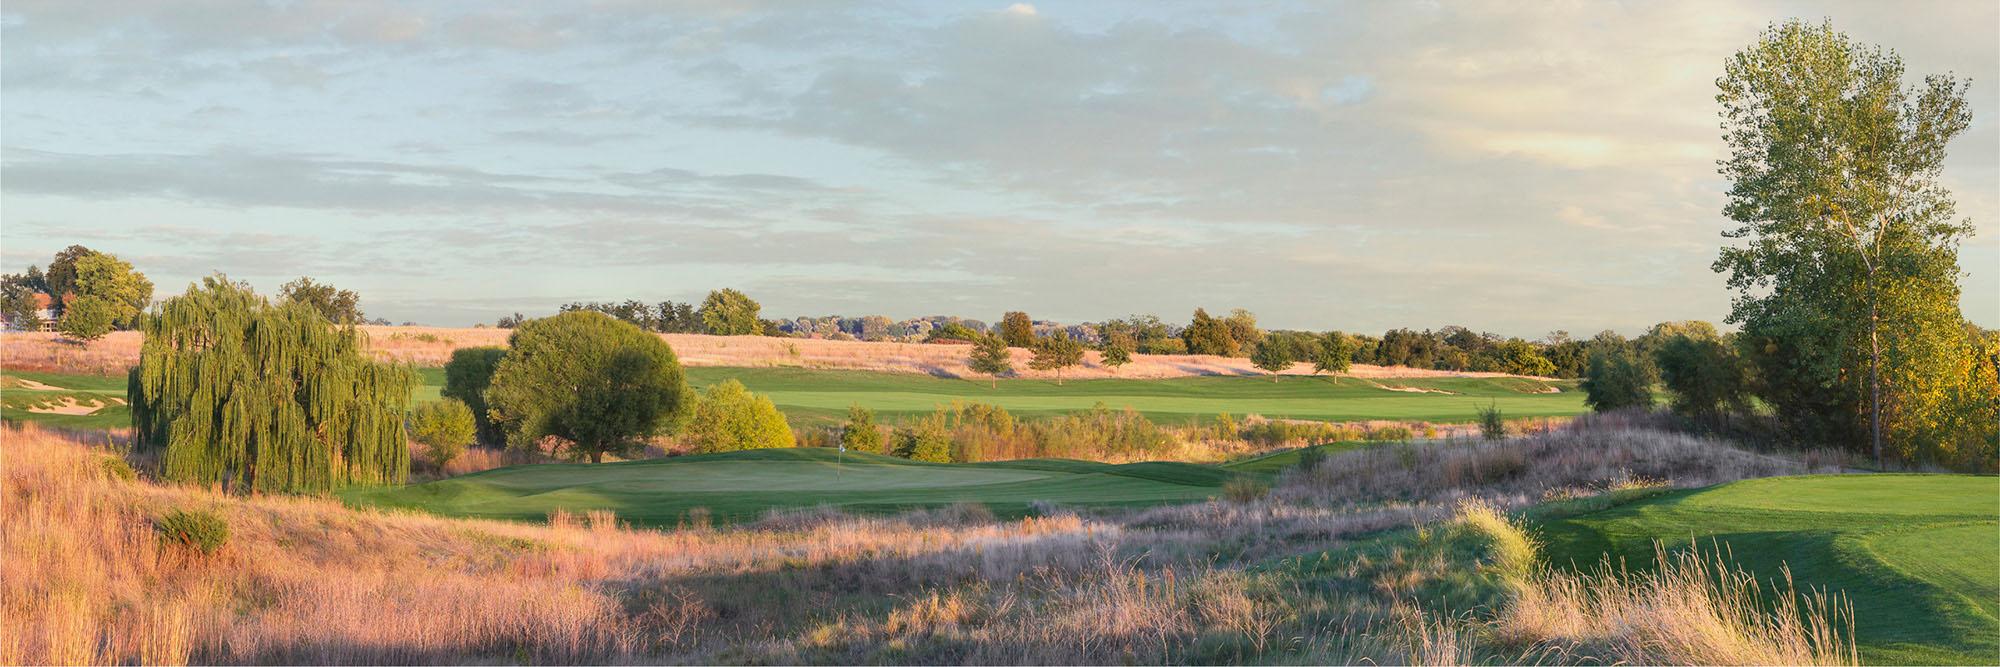 Golf Course Image - Arbor Links No. 6